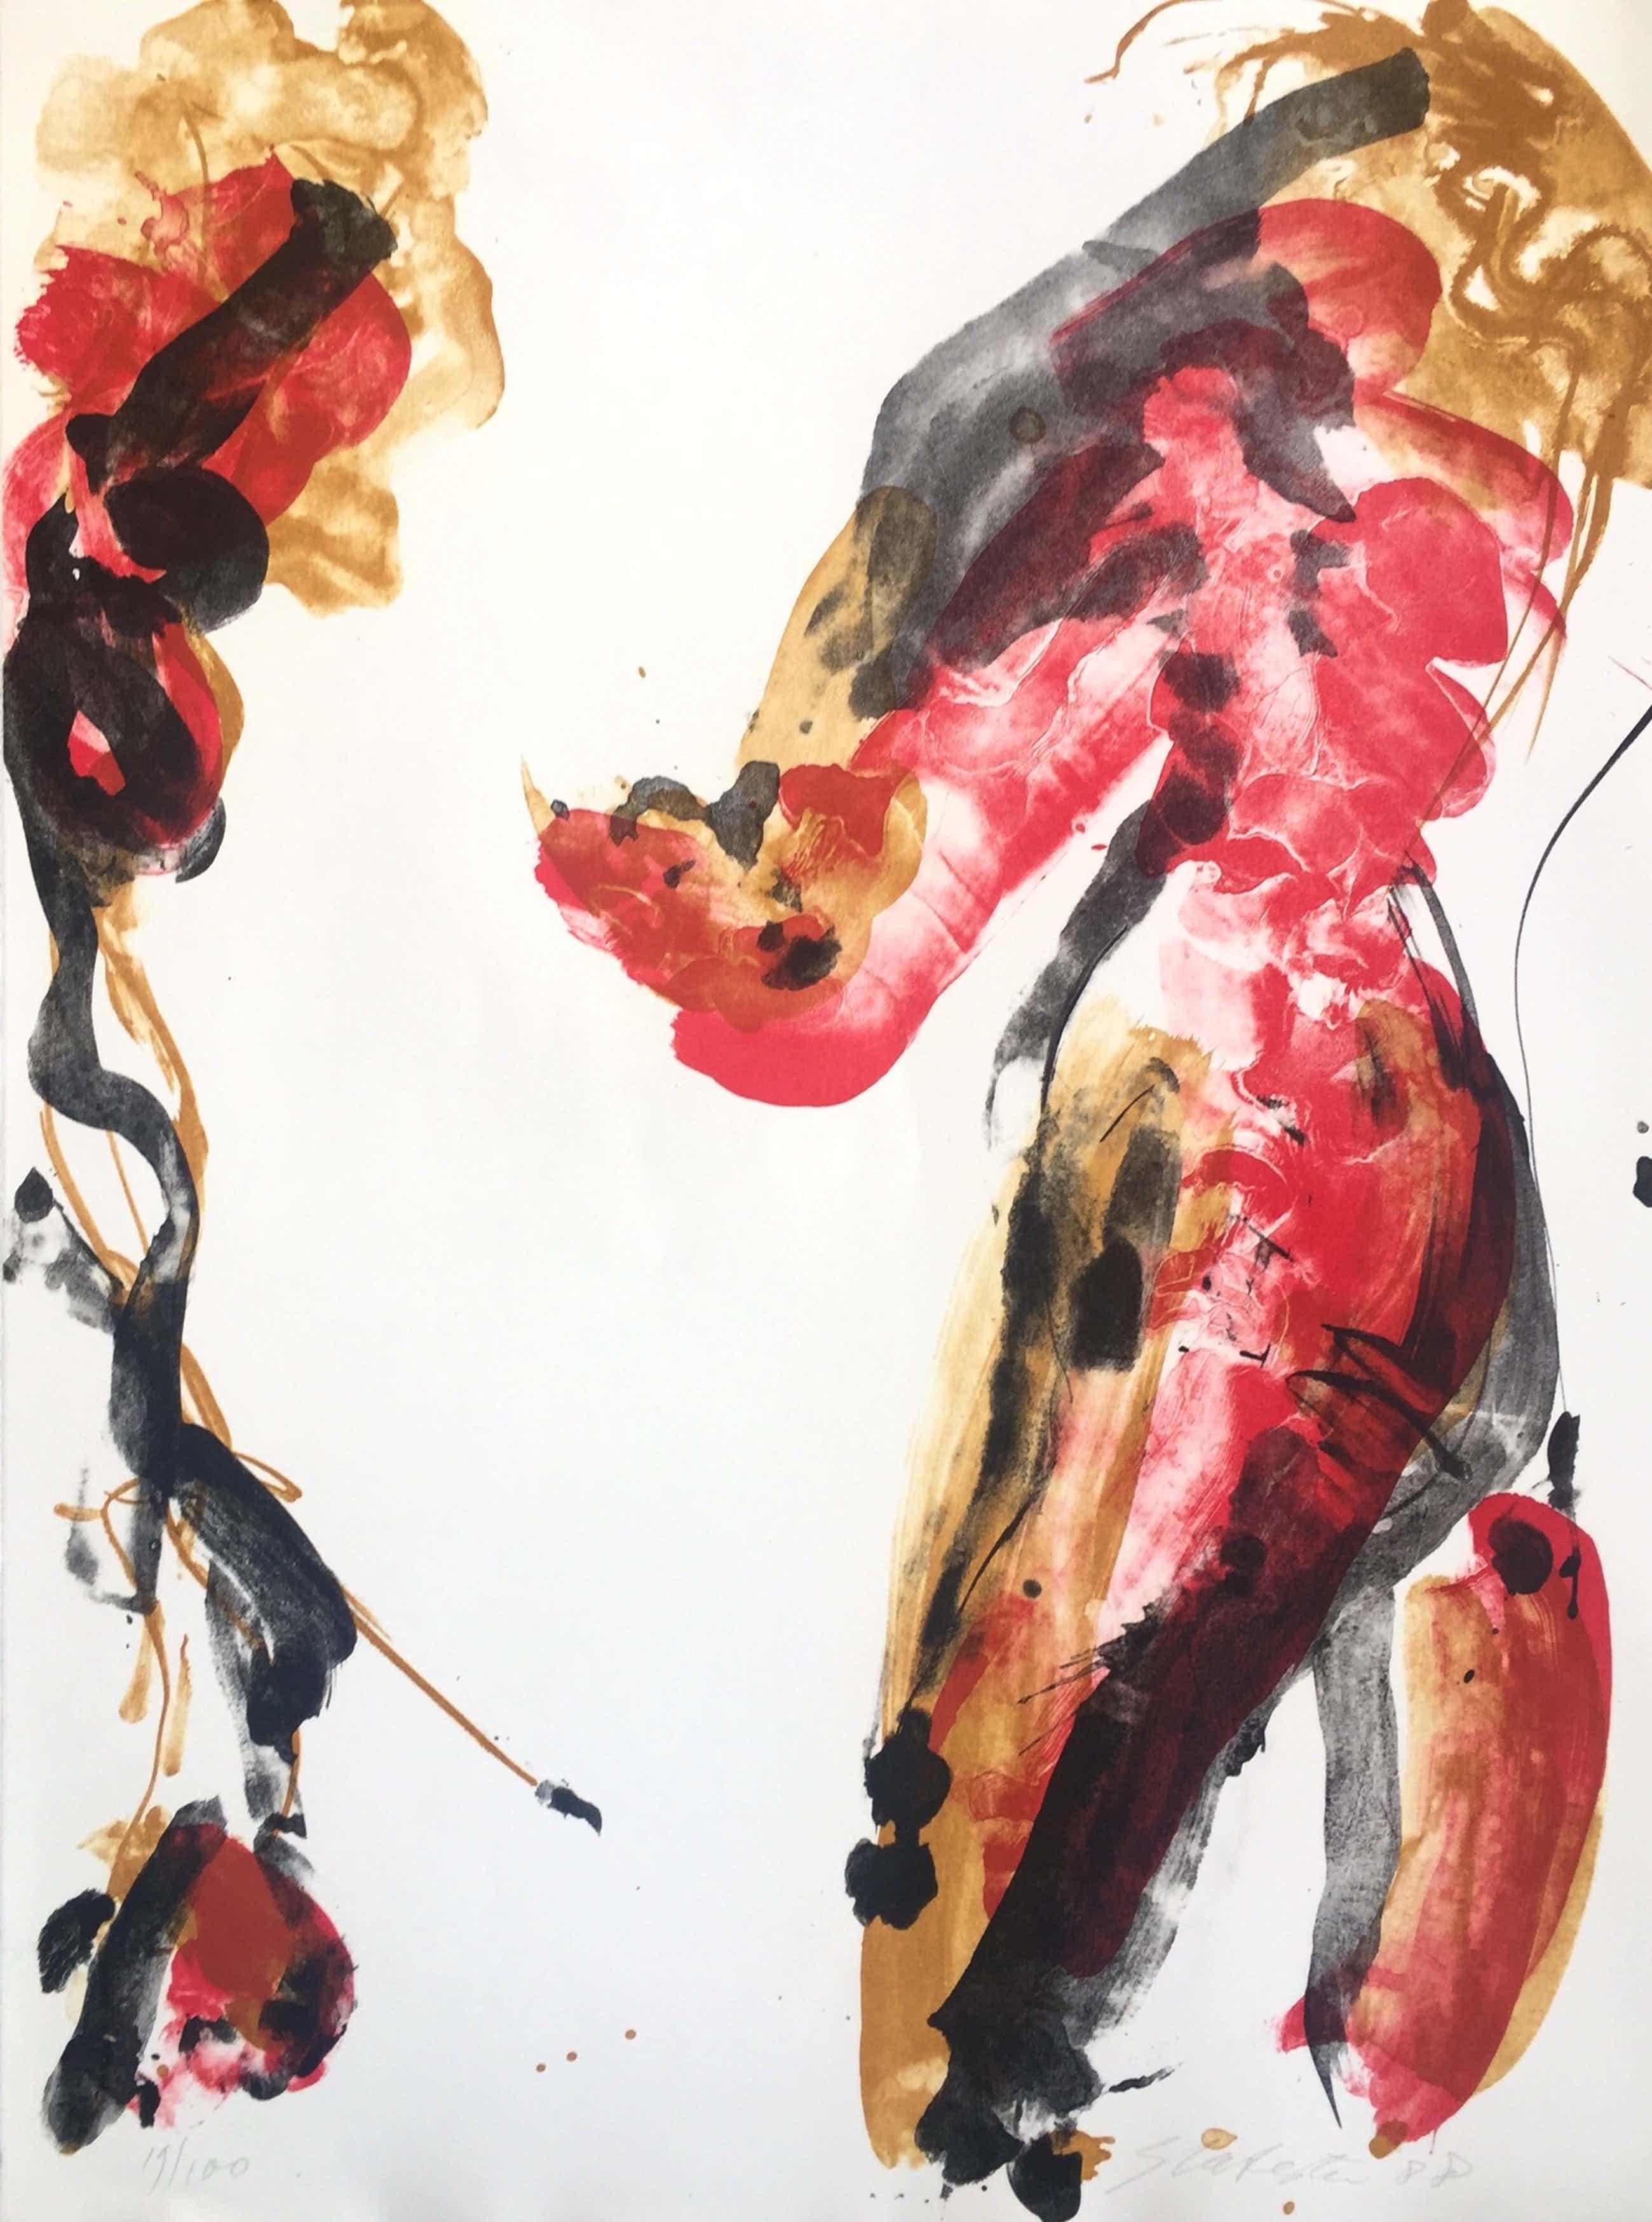 Ger Lataster - abstracte litho - 1988 - oplage 100 ex kopen? Bied vanaf 60!